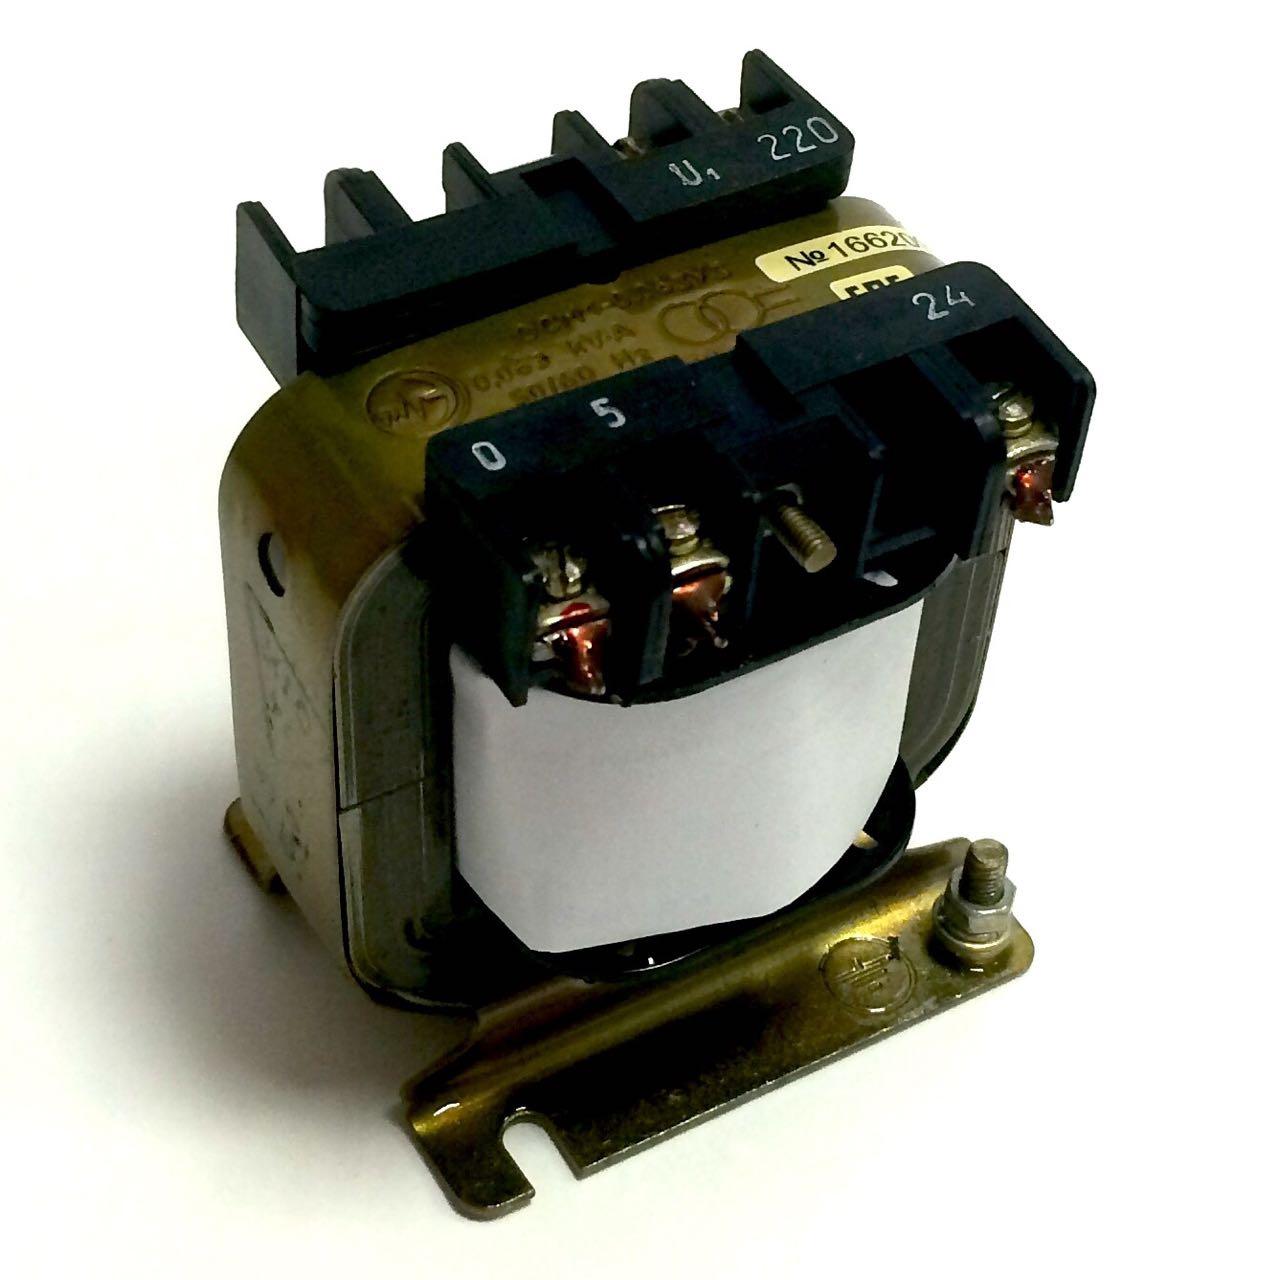 Осм, осм1 трансформаторы силовые сухие многоцелевого назначения (этз)